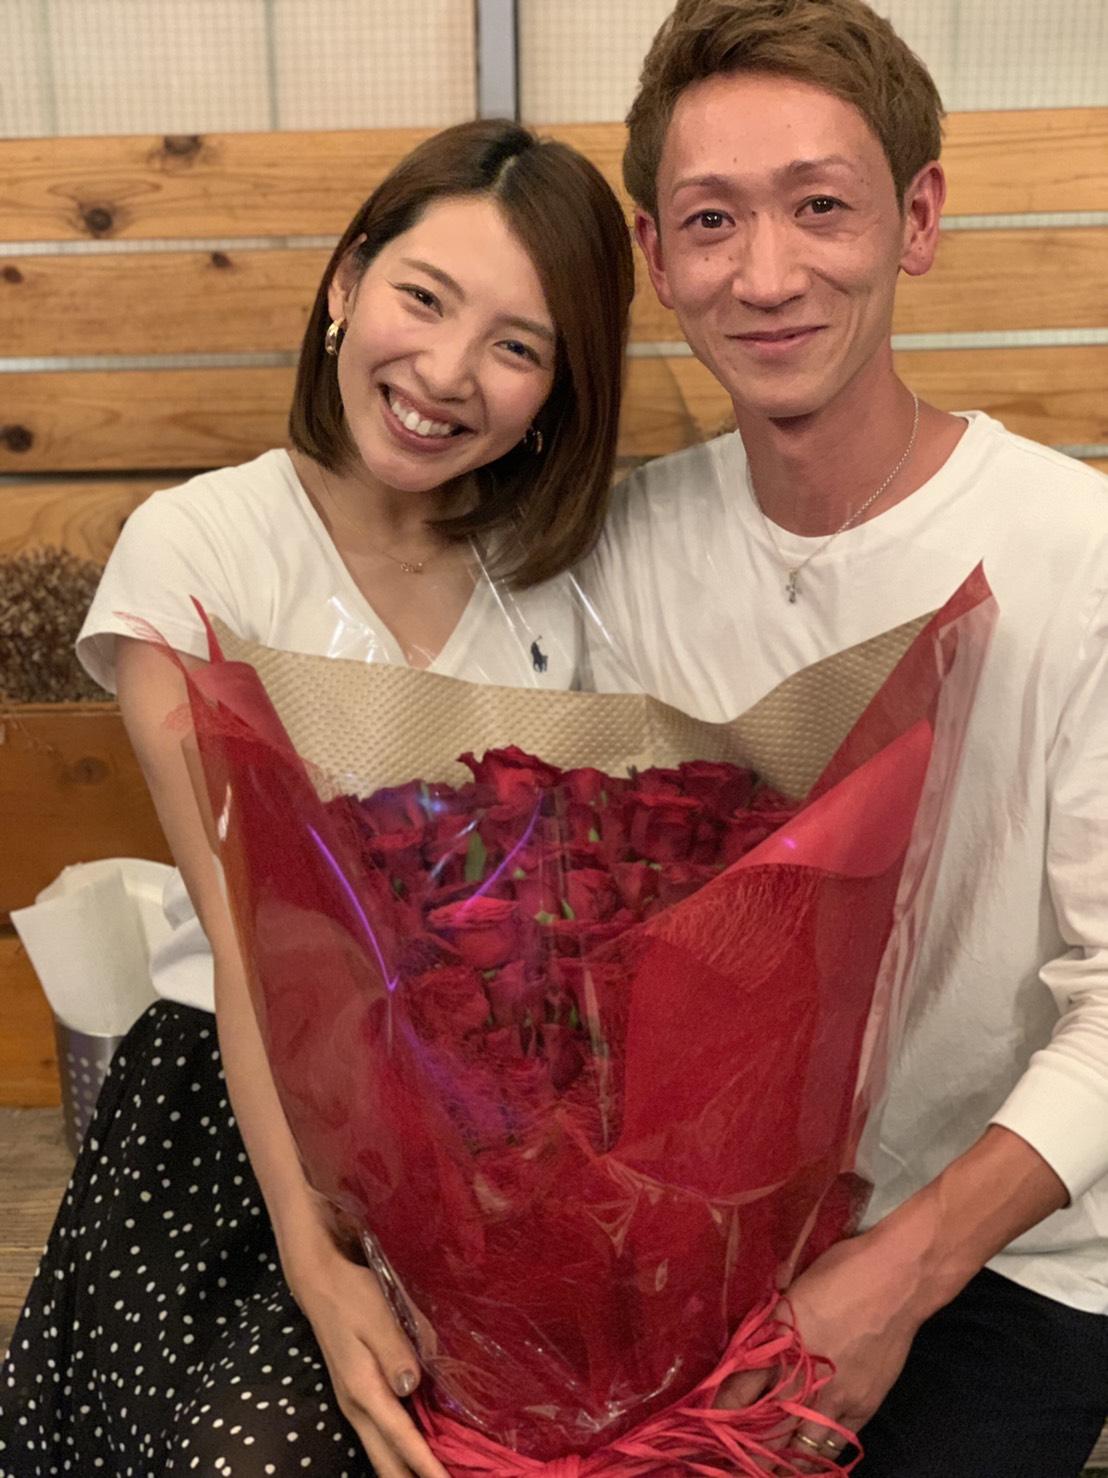 土屋南(左)と佐藤翼